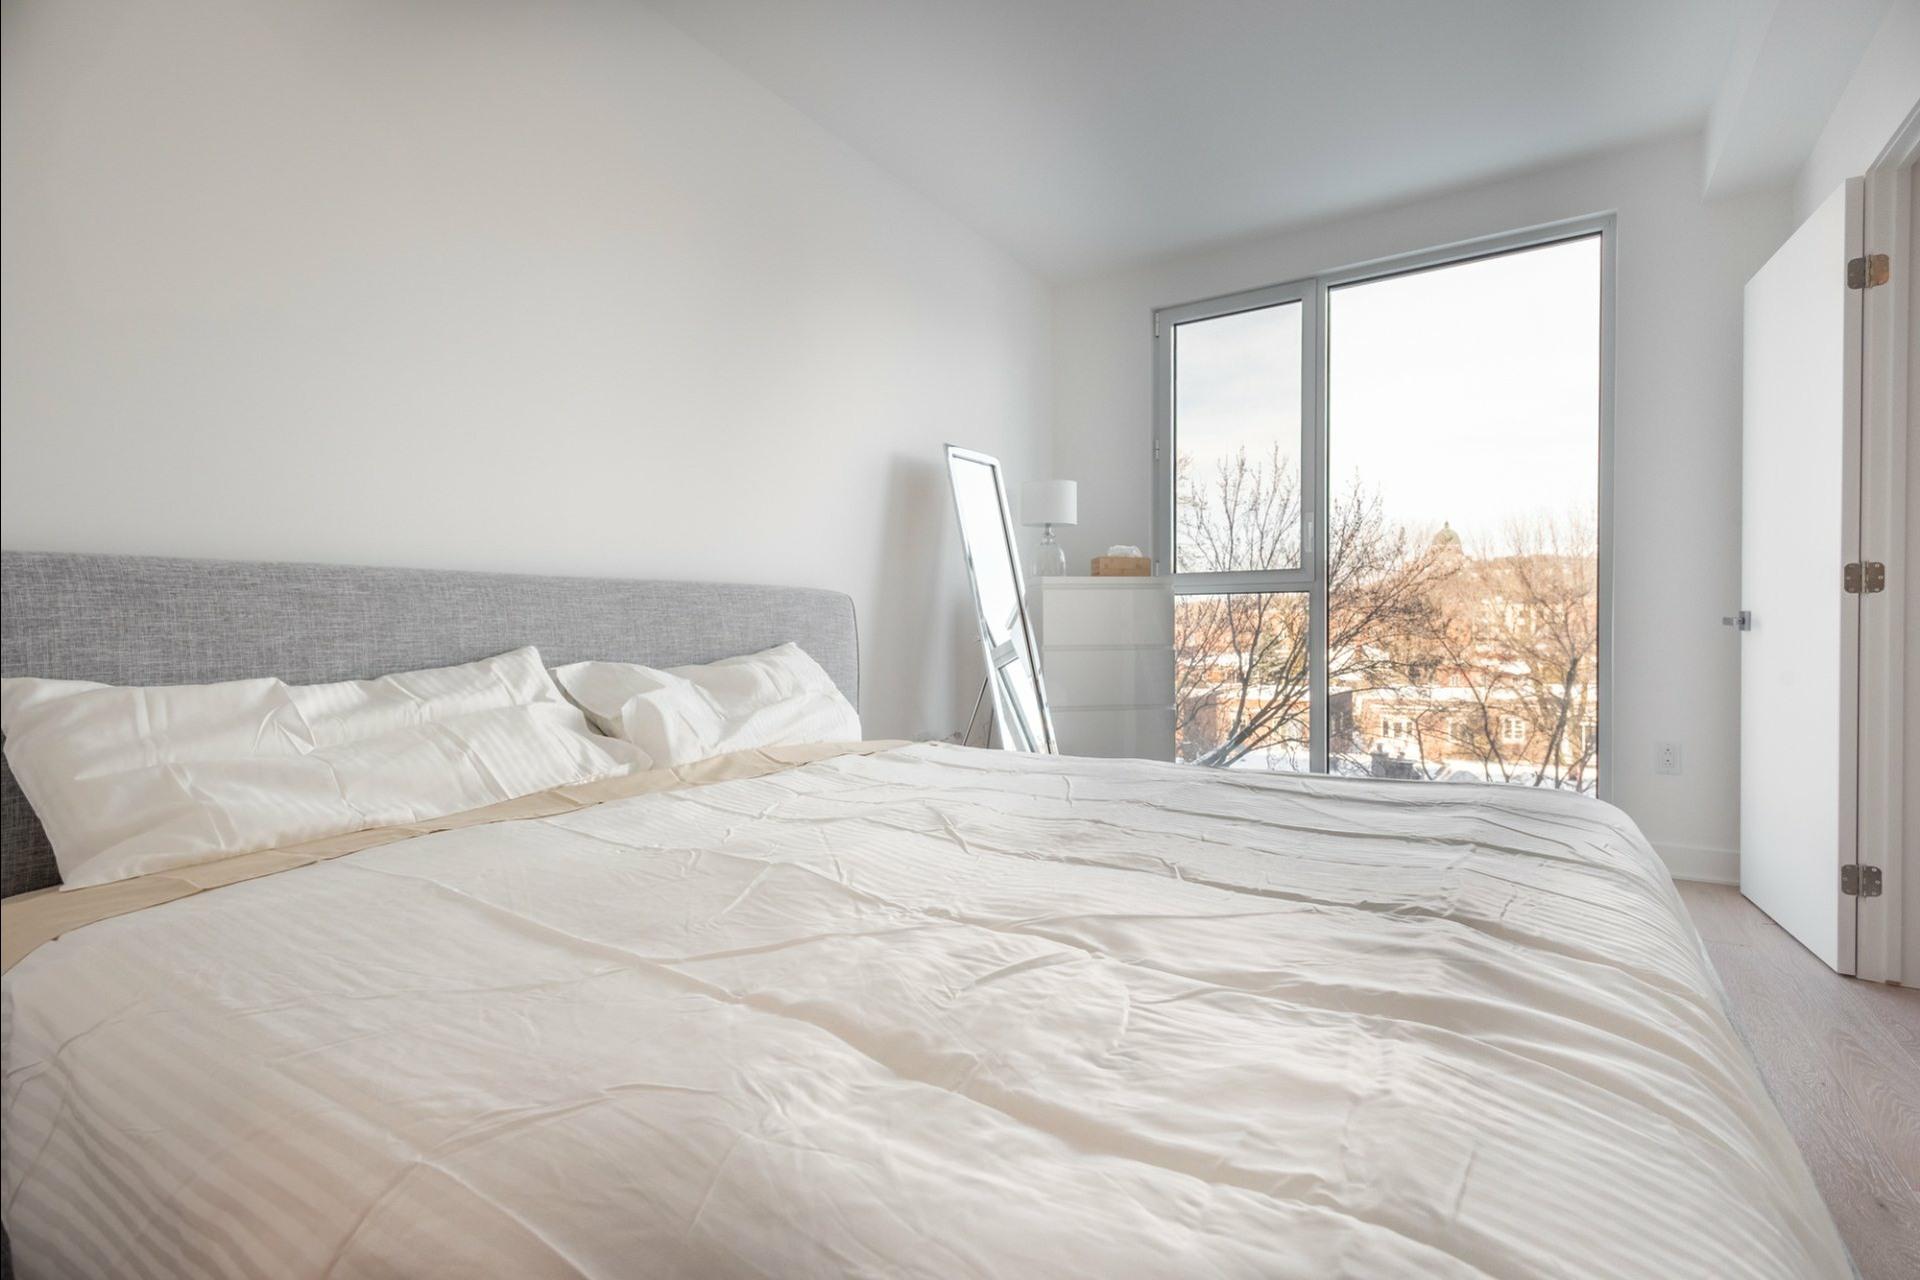 image 19 - Appartement À louer Côte-des-Neiges/Notre-Dame-de-Grâce Montréal  - 5 pièces